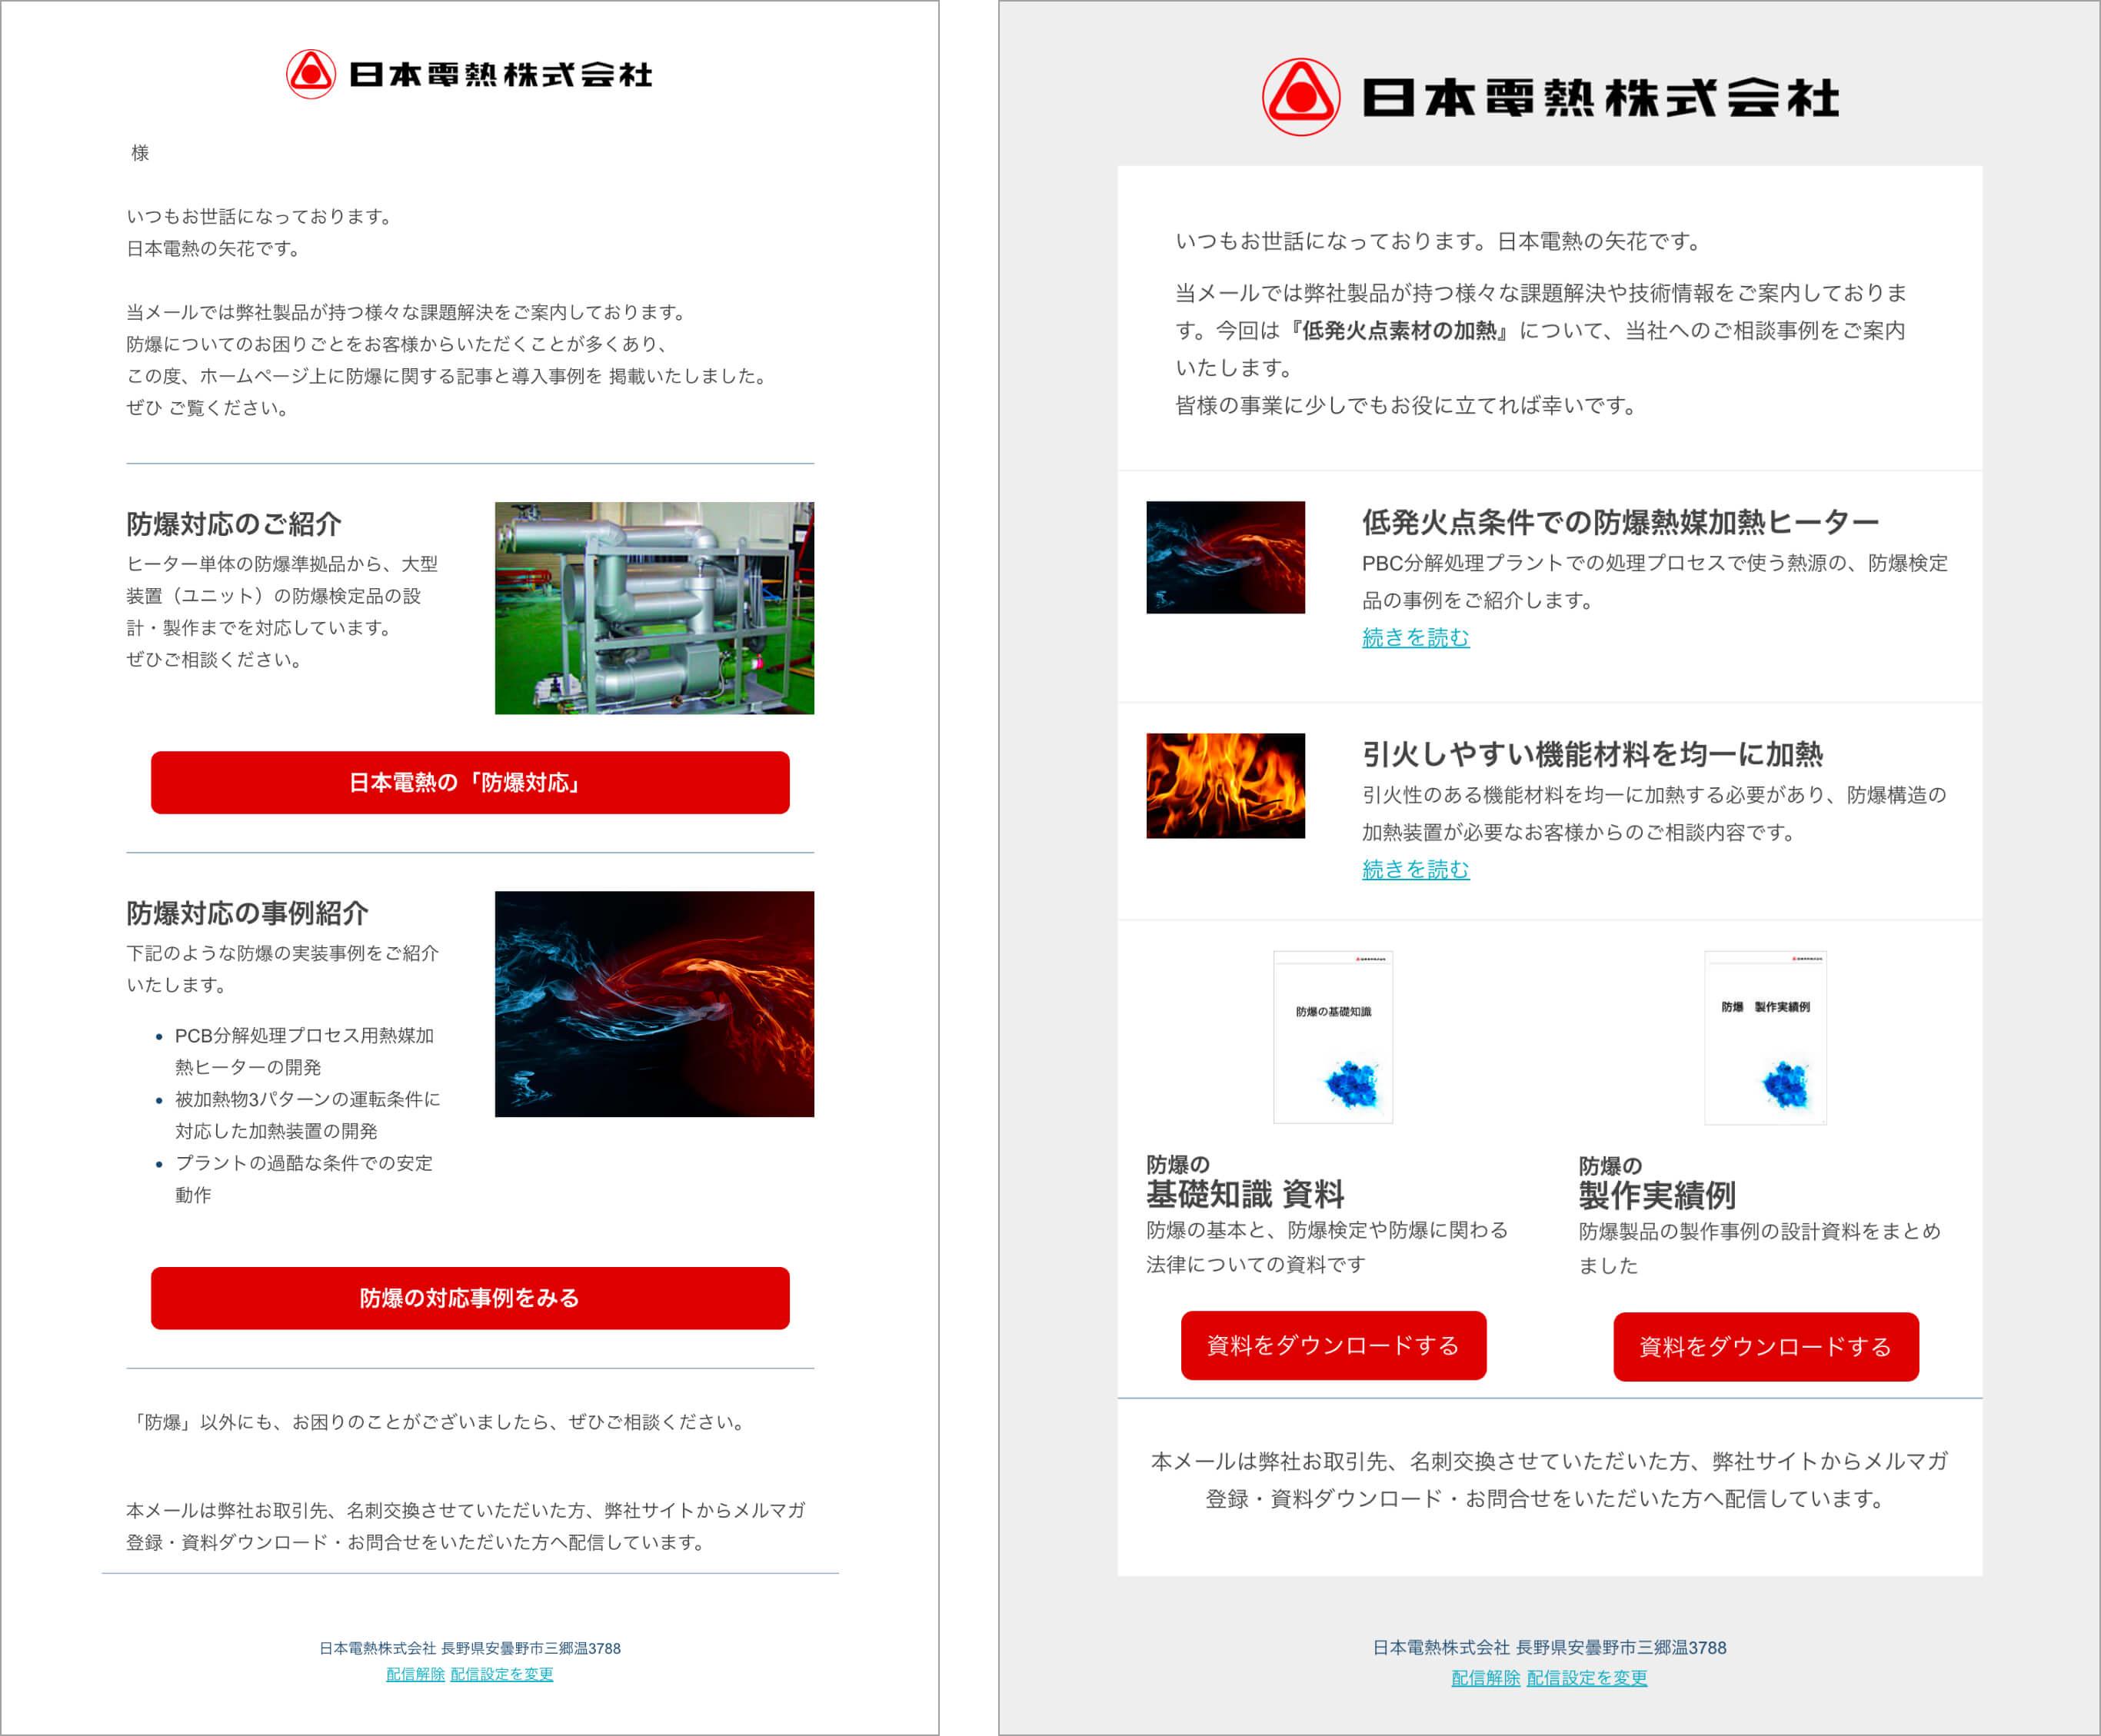 日本電熱_メールマーケティング